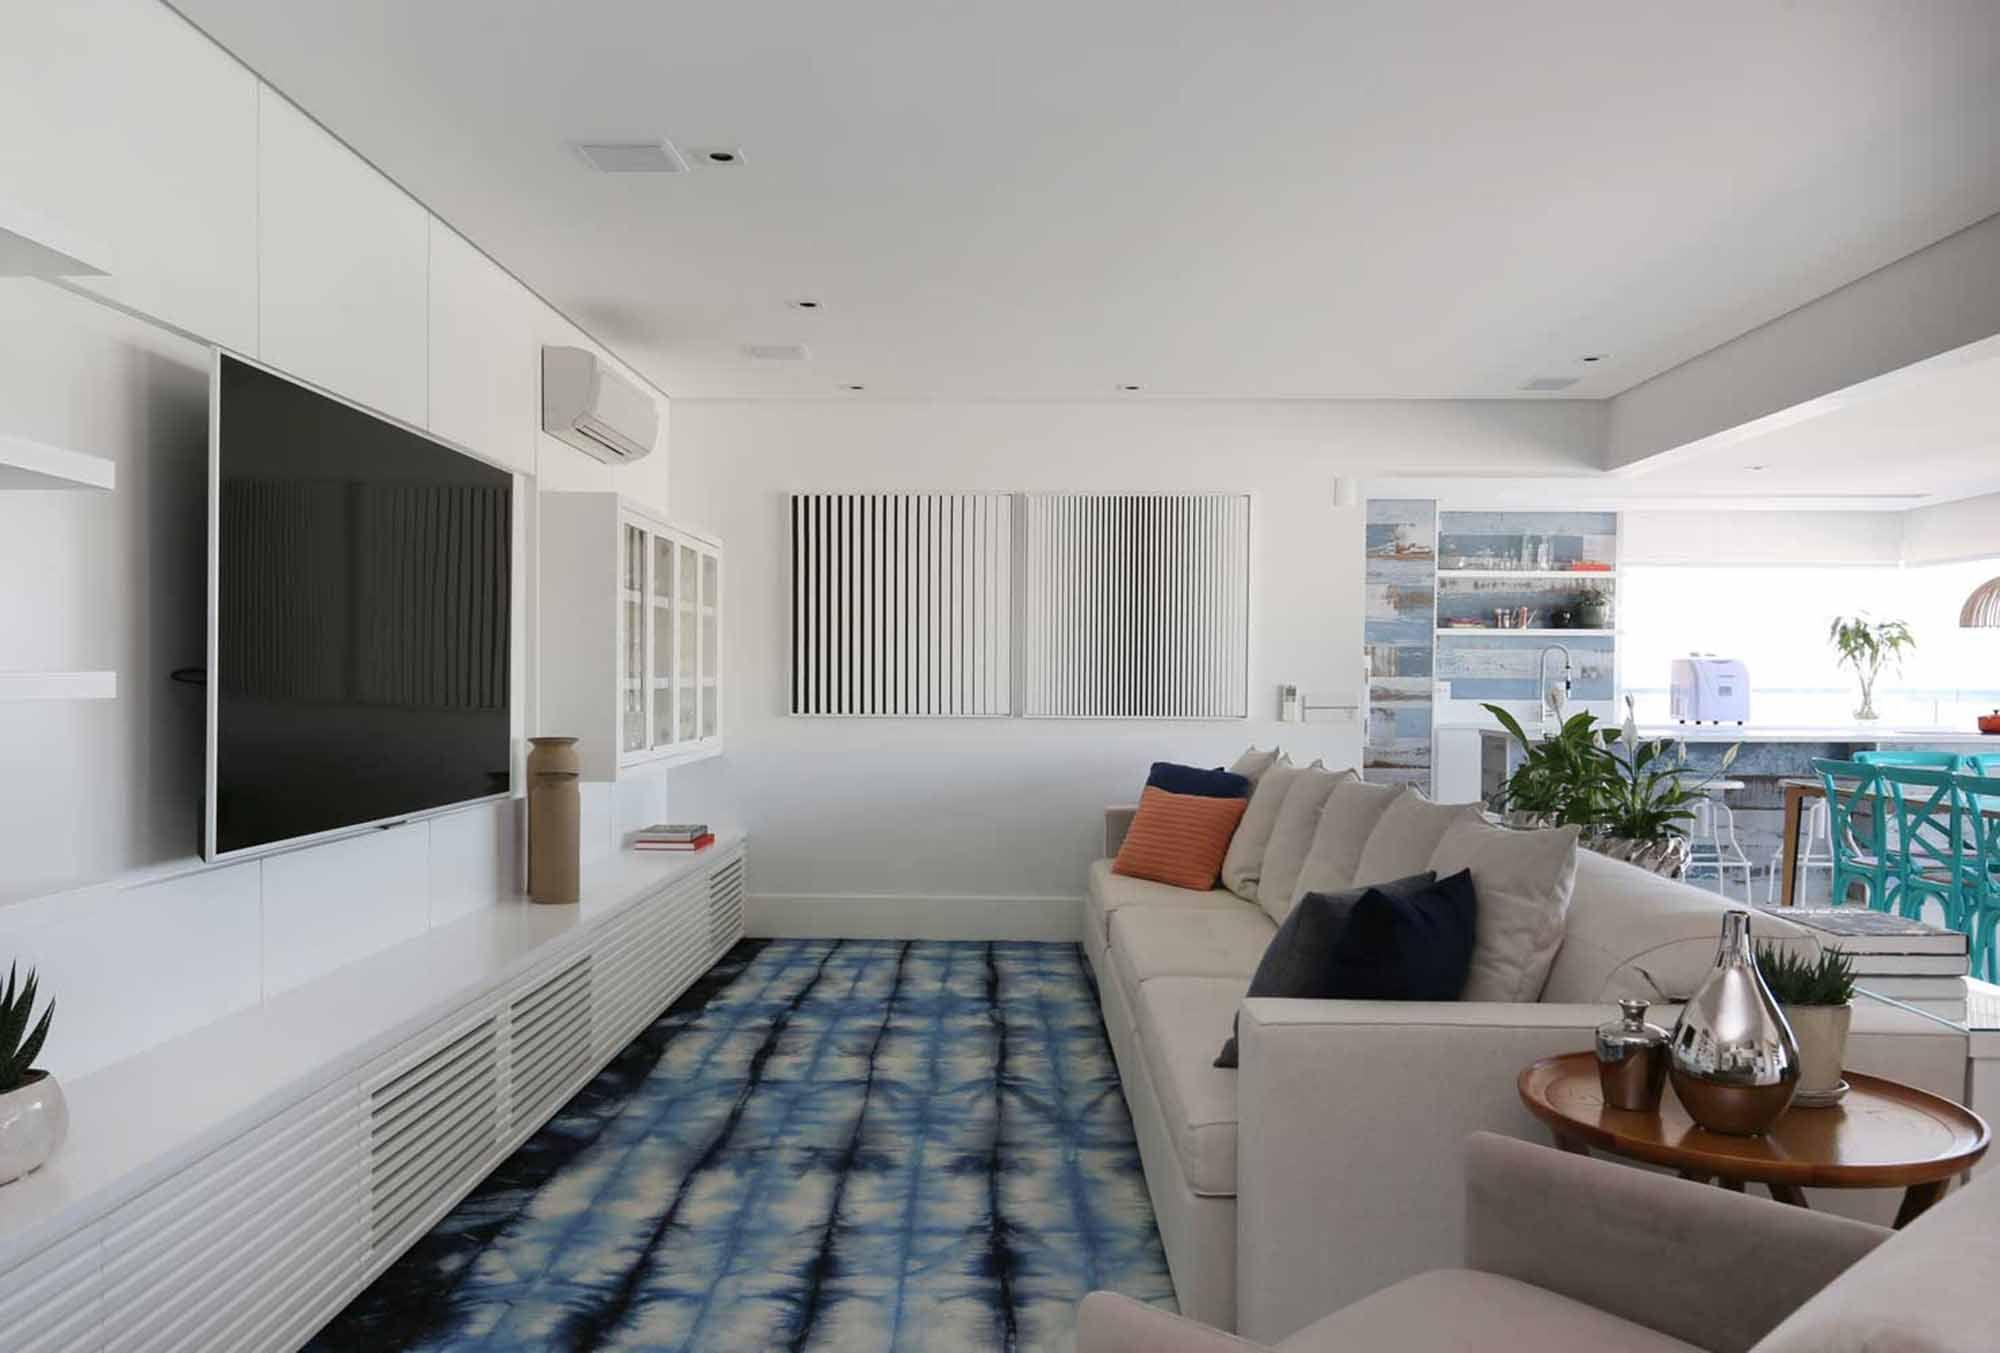 Azul une apartamento visualmente e é ponto de luz em decoração clean